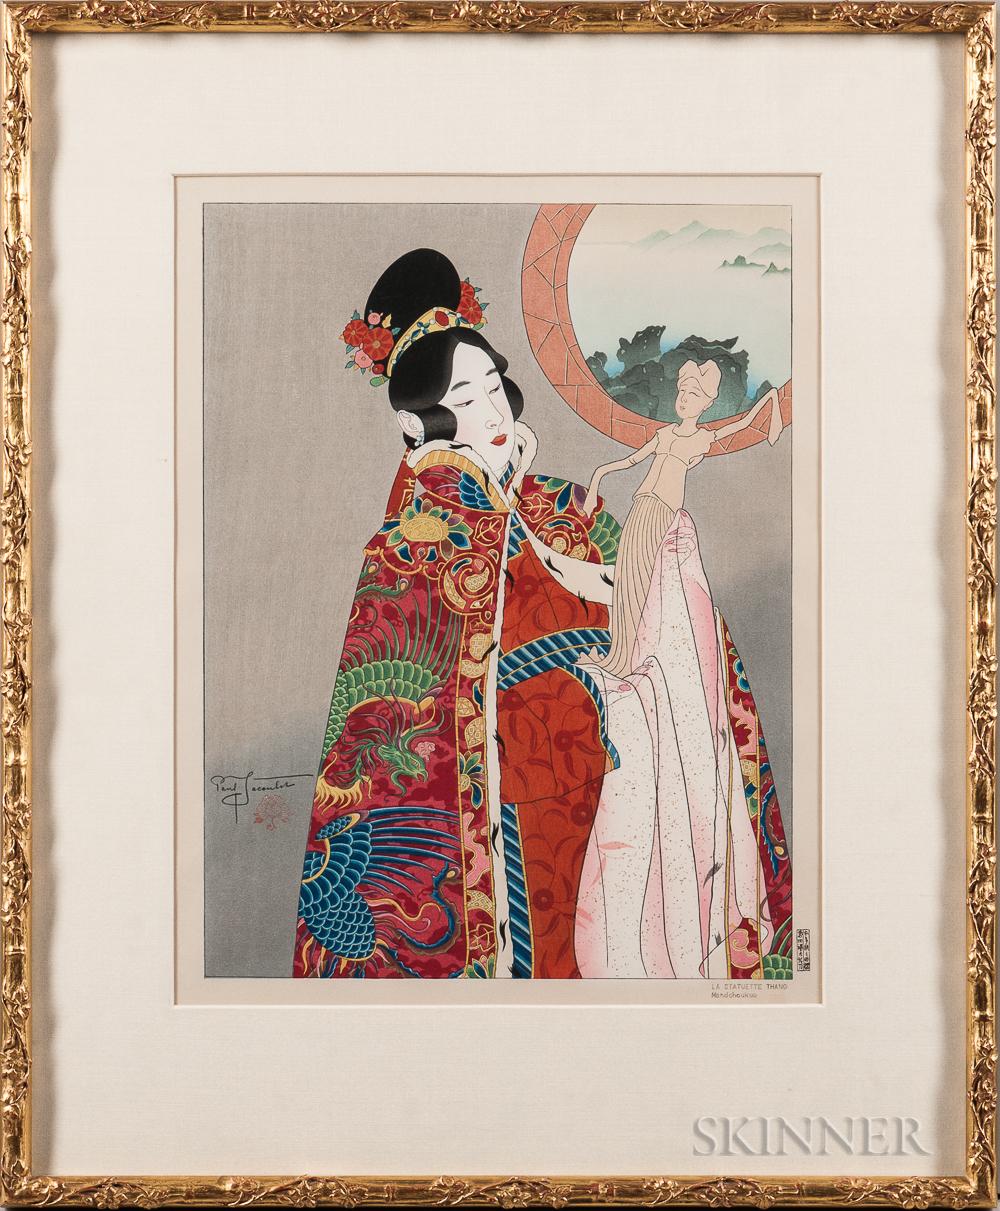 Paul Jacoulet (1896-1960), La Statuette Thang Manchoukuo